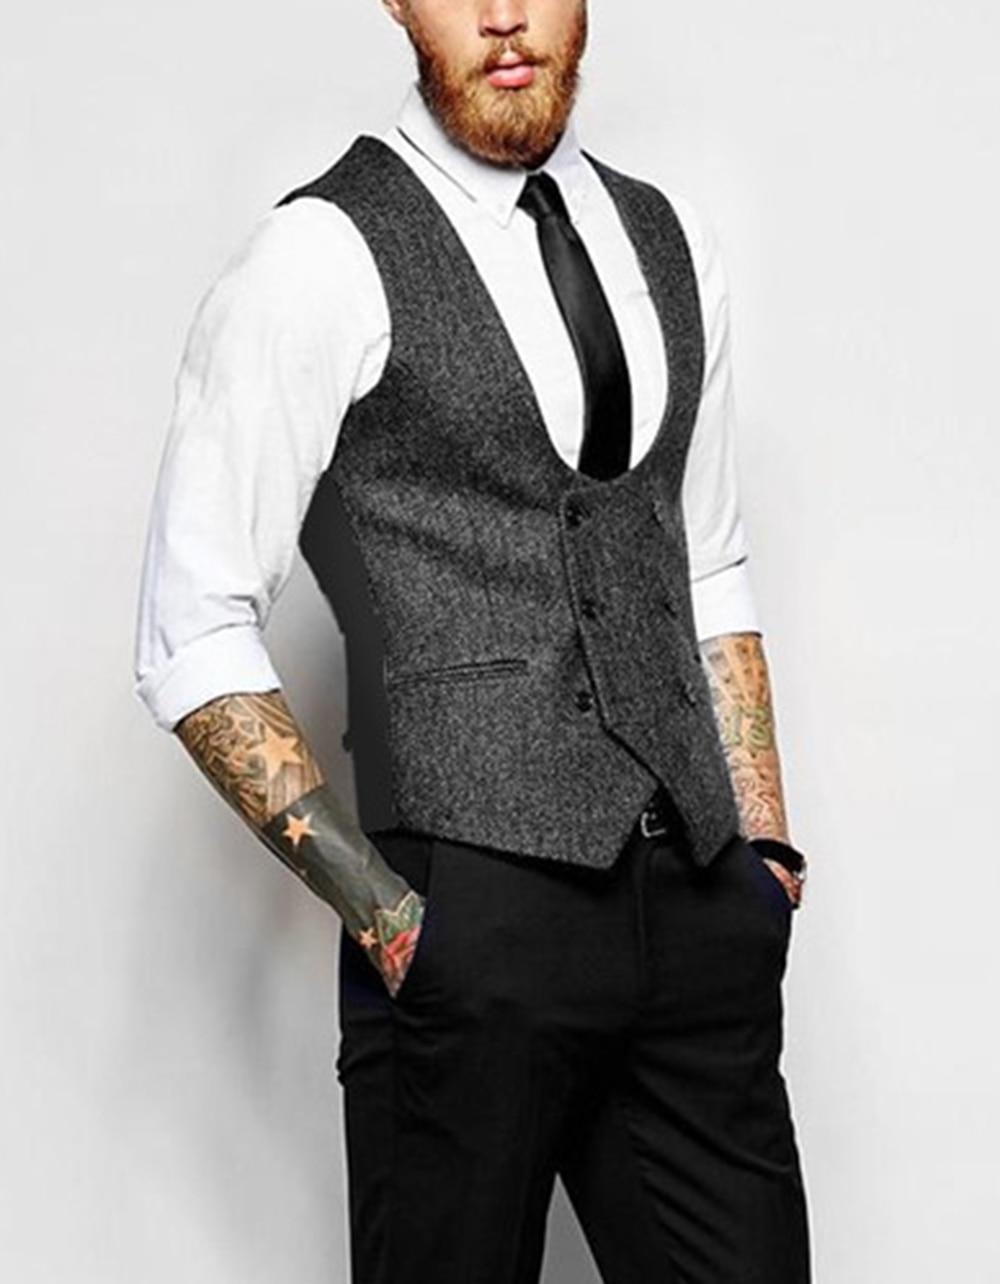 Mens Slim Business Brown Waistcoat Champagne Wool Herringbone Tweed Suit Vests Custom Made Sleeveless Suit Jacket For Wedding